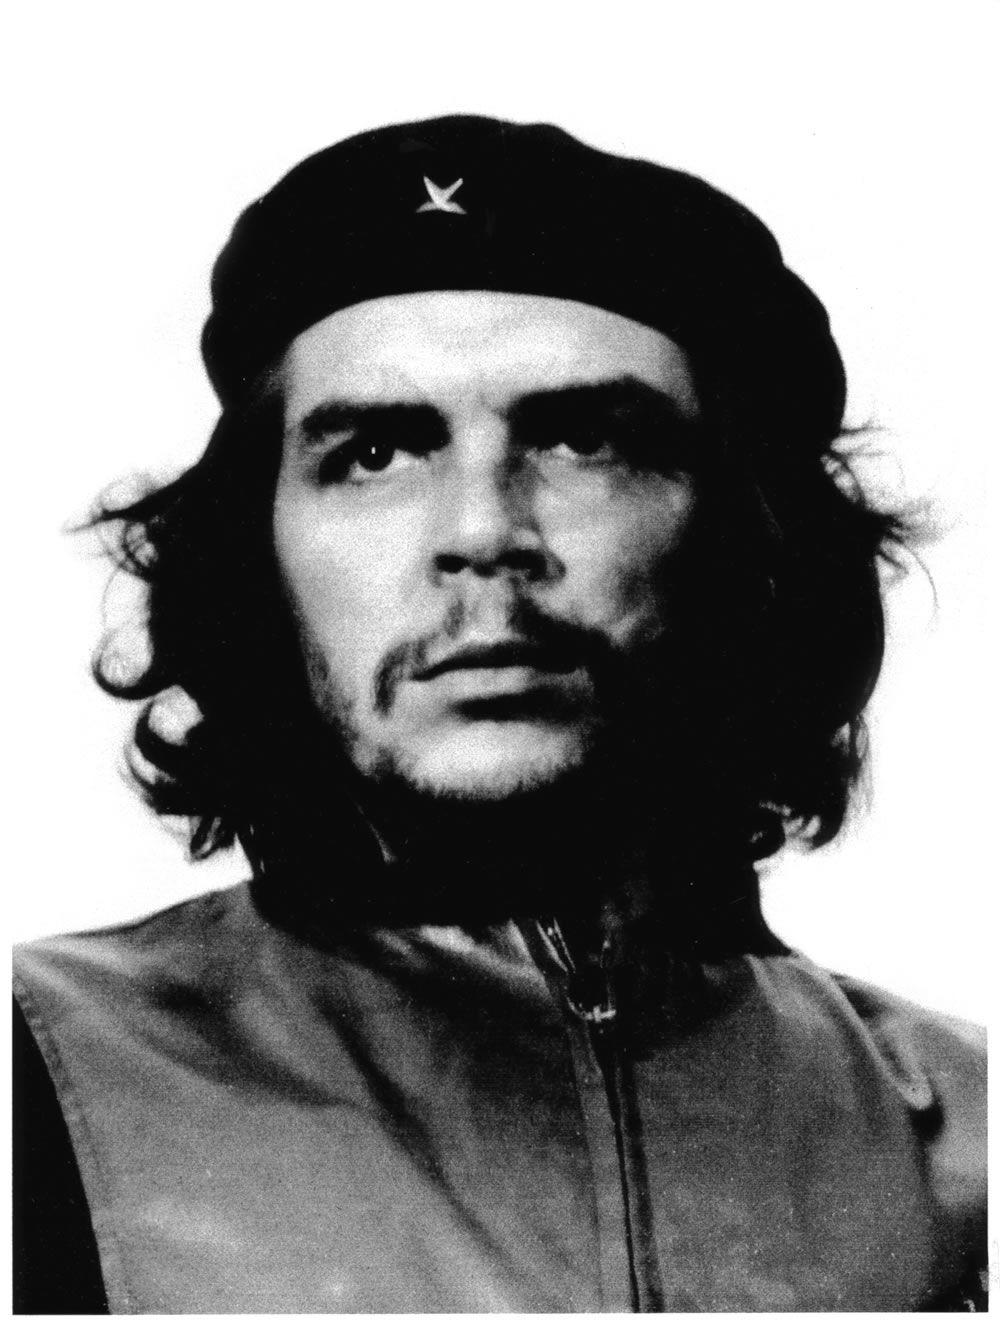 bfcd8814649d5 La famosa foto del Che Guevara en la que aparece su rostro con la boina  negra mirando a lo lejos